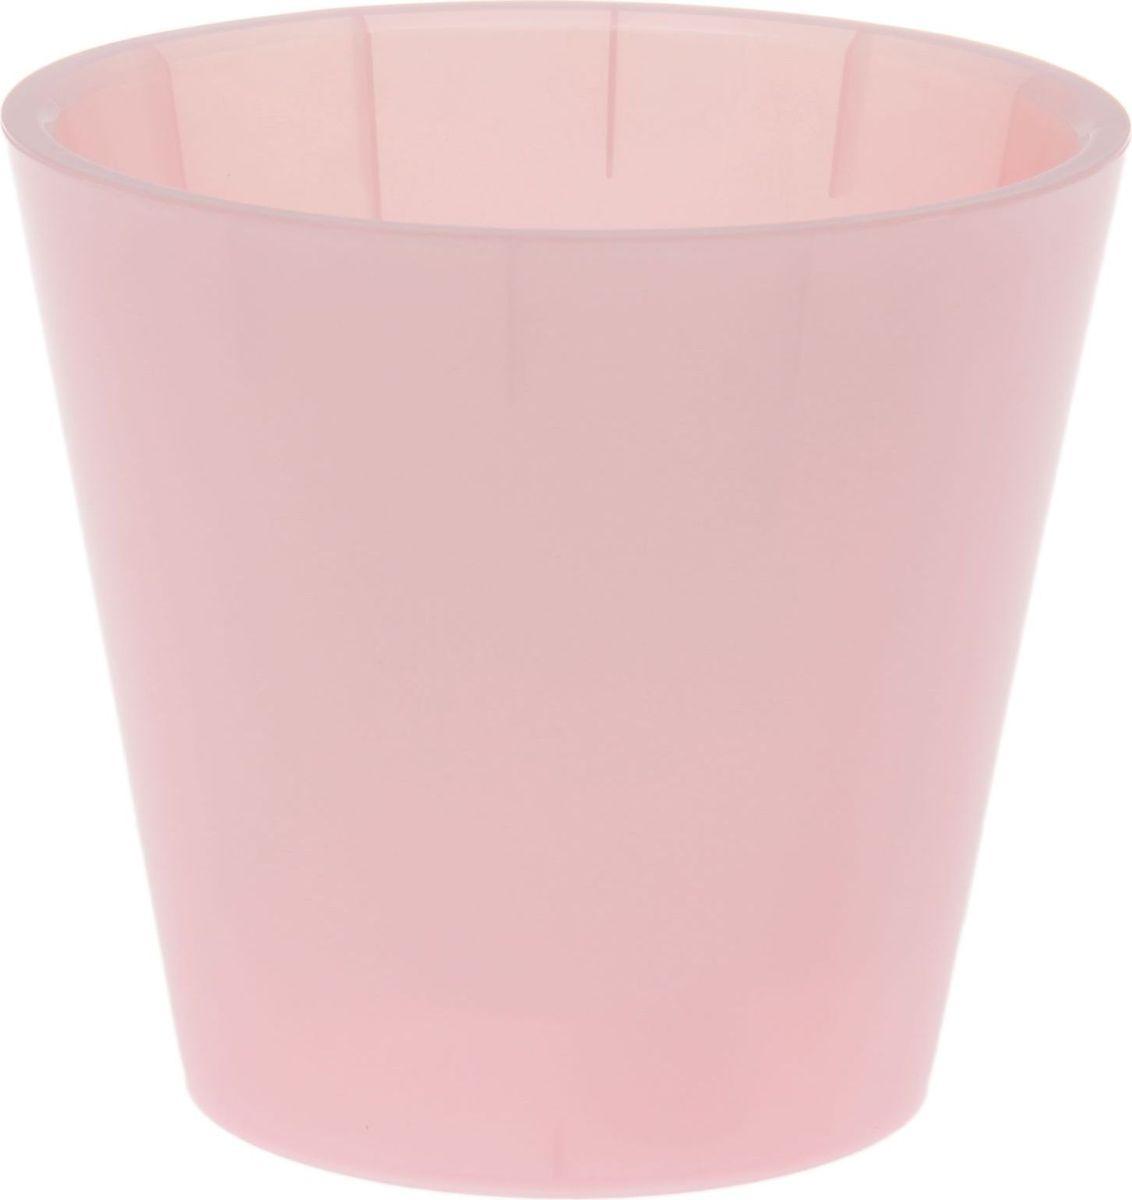 Горшок для цветов InGreen Фиджи. Орхид, цвет: розовый перламутр, 5 л1637052Любой, даже самый современный и продуманный интерьер будет незавершённым без растений. Они не только очищают воздух и насыщают его кислородом, но и украшают окружающее пространство. Такому полезному члену семьи просто необходим красивый и функциональный дом! Мы предлагаем #name#! Оптимальный выбор материала — пластмасса! Почему мы так считаем?Малый вес. С лёгкостью переносите горшки и кашпо с места на место, ставьте их на столики или полки, не беспокоясь о нагрузке. Простота ухода. Кашпо не нуждается в специальных условиях хранения. Его легко чистить — достаточно просто сполоснуть тёплой водой. Никаких потёртостей. Такие кашпо не царапают и не загрязняют поверхности, на которых стоят. Пластик дольше хранит влагу, а значит, растение реже нуждается в поливе. Пластмасса не пропускает воздух — корневой системе растения не грозят резкие перепады температур. Огромный выбор форм, декора и расцветок — вы без труда найдёте что-то, что идеально впишется в уже существующий интерьер. Соблюдая нехитрые правила ухода, вы можете заметно продлить срок службы горшков и кашпо из пластика:всегда учитывайте размер кроны и корневой системы (при разрастании большое растение способно повредить маленький горшок)берегите изделие от воздействия прямых солнечных лучей, чтобы горшки не выцветалидержите кашпо из пластика подальше от нагревающихся поверхностей. Создавайте прекрасные цветочные композиции, выращивайте рассаду или необычные растения.